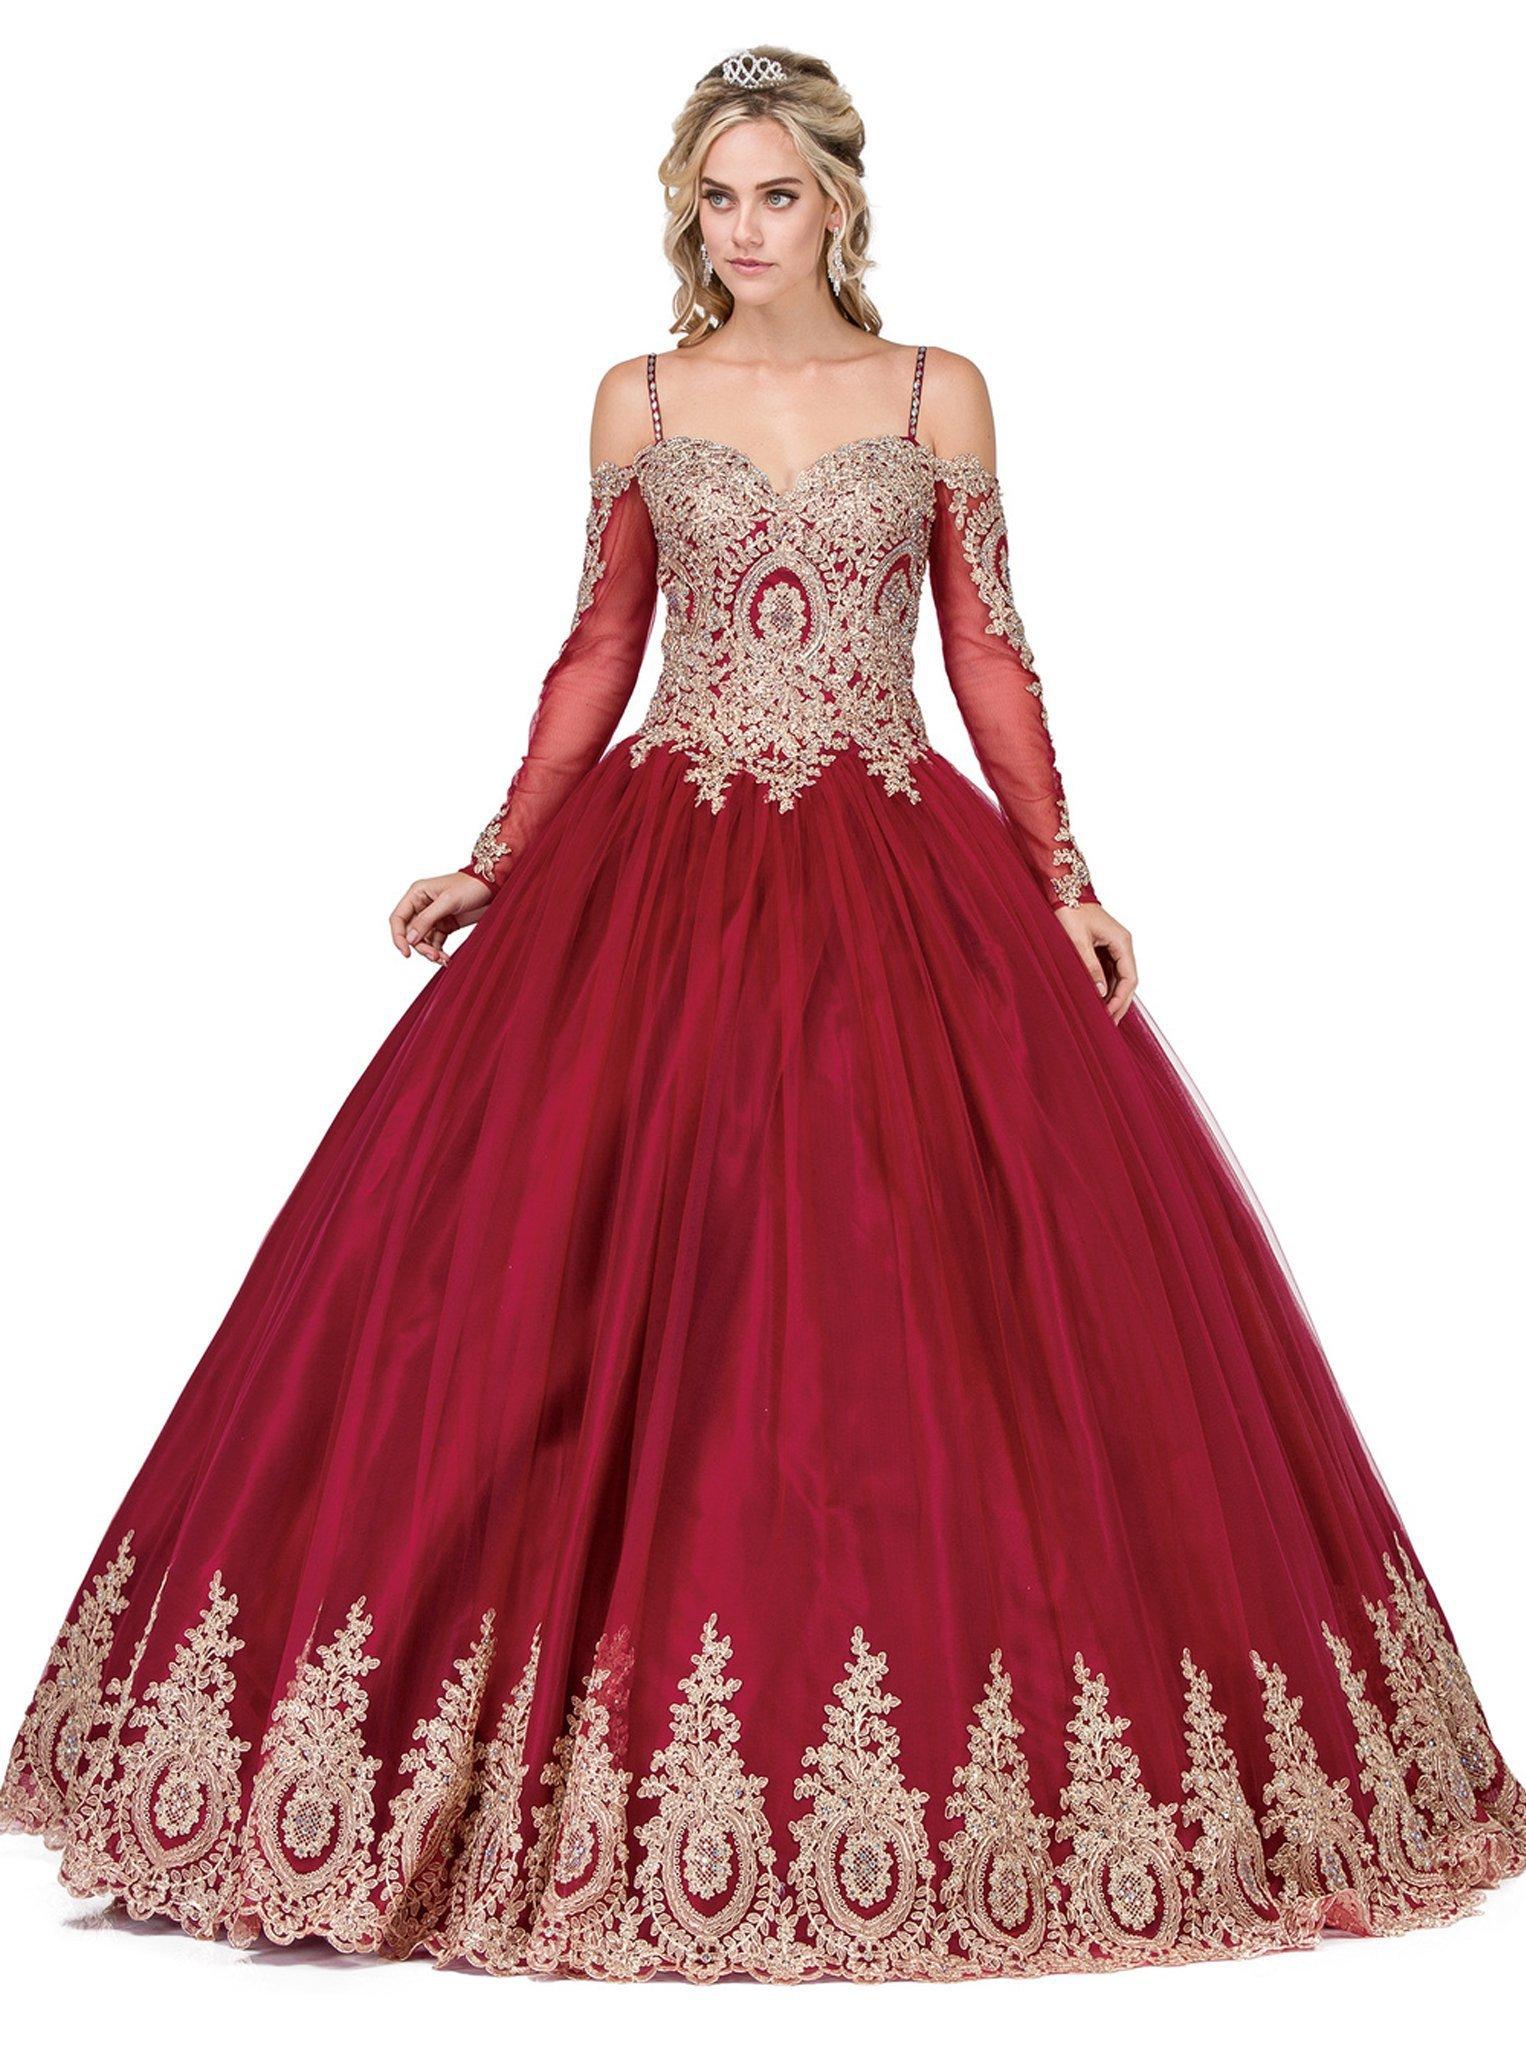 Dancing Queen - 1282 Appliqued Long Sleeves Quinceanera Gown